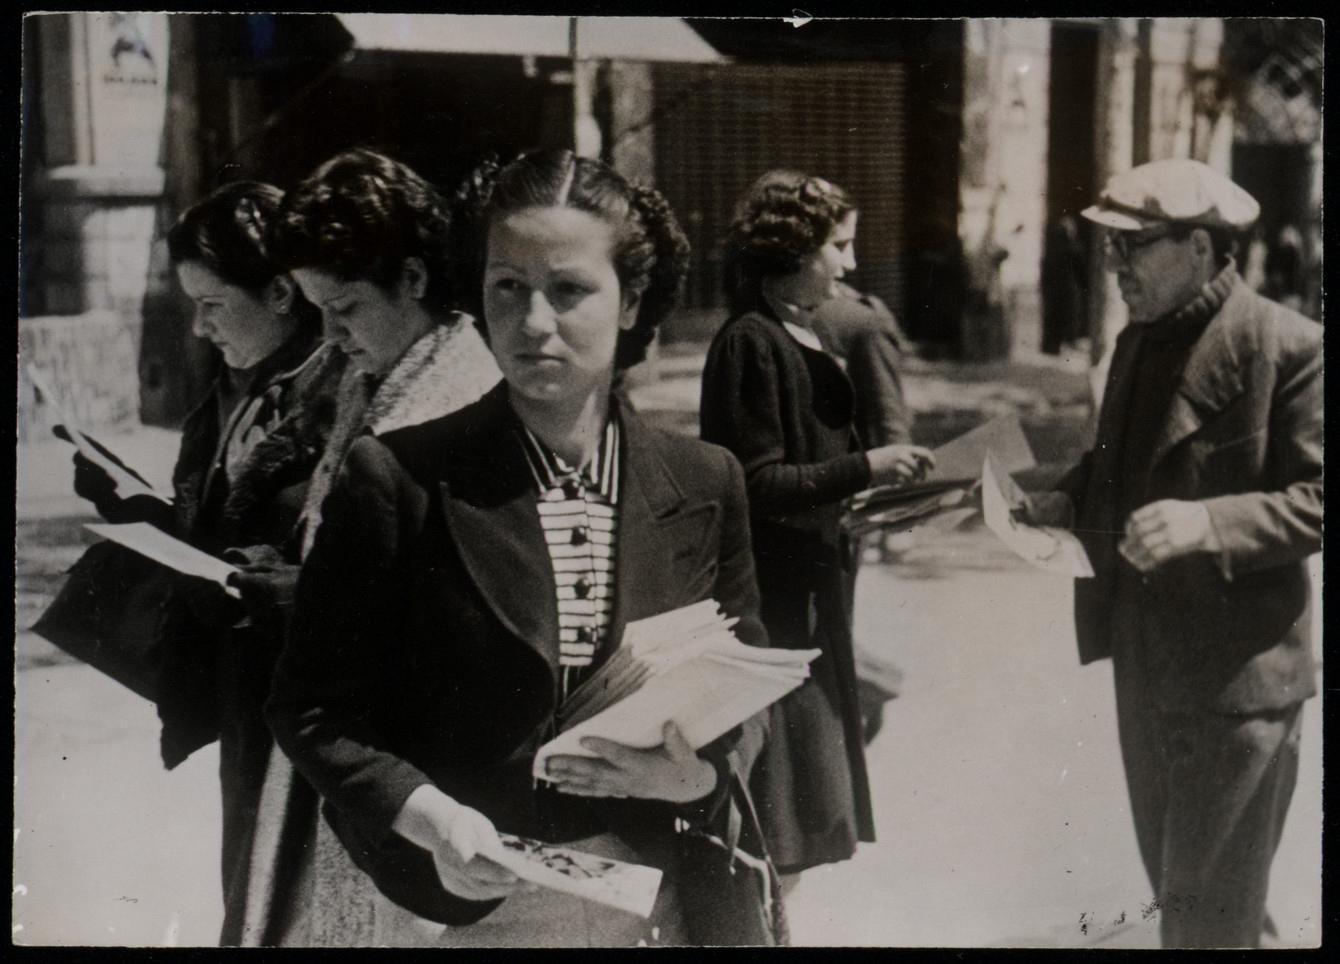 Mujeres repartiendo propaganda antifascista por las calles de Madrid (1936)